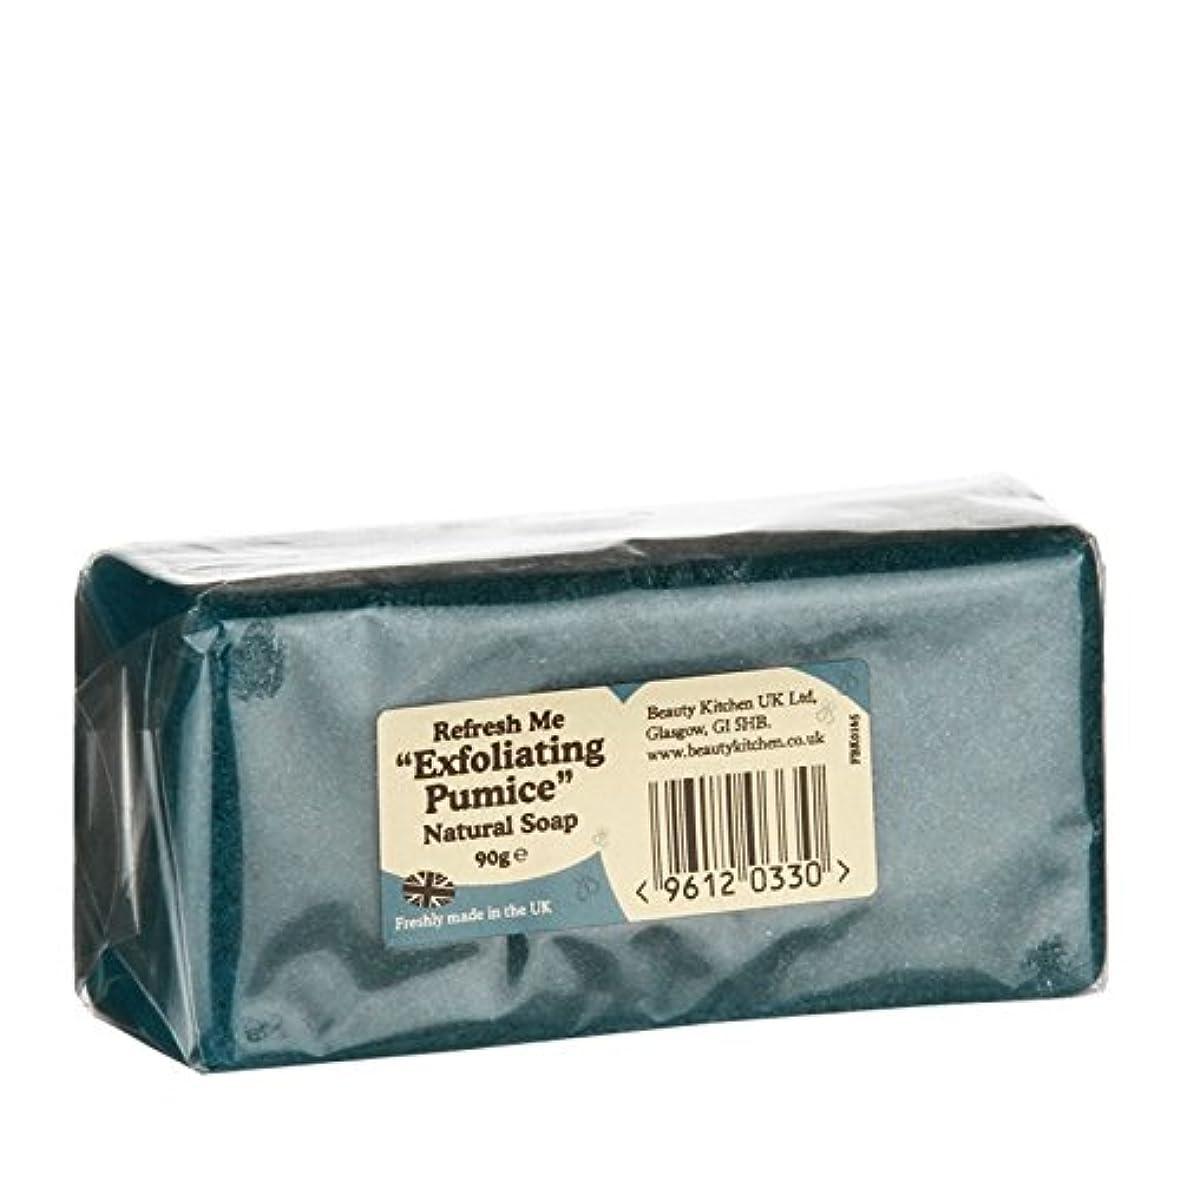 怪物知性コンパスBeauty Kitchen Refresh Me Exfoliating Pumice Natural Soap 90g (Pack of 2) - 美しさのキッチンは、軽石の天然石鹸90グラムを剥離私をリフレッシュ...